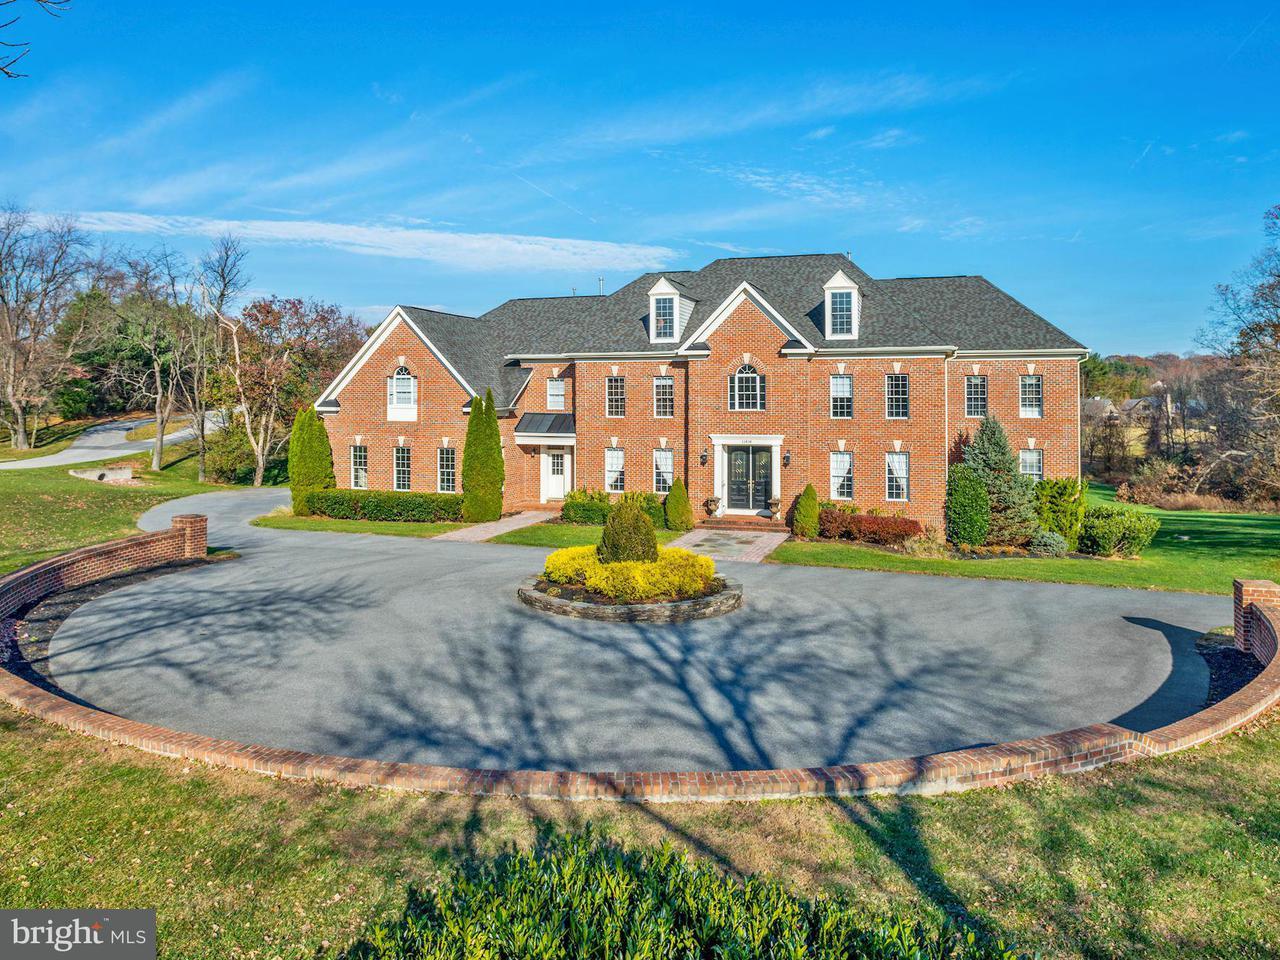 단독 가정 주택 용 매매 에 13616 Gilbride Lane 13616 Gilbride Lane Clarksville, 메릴랜드 21029 미국